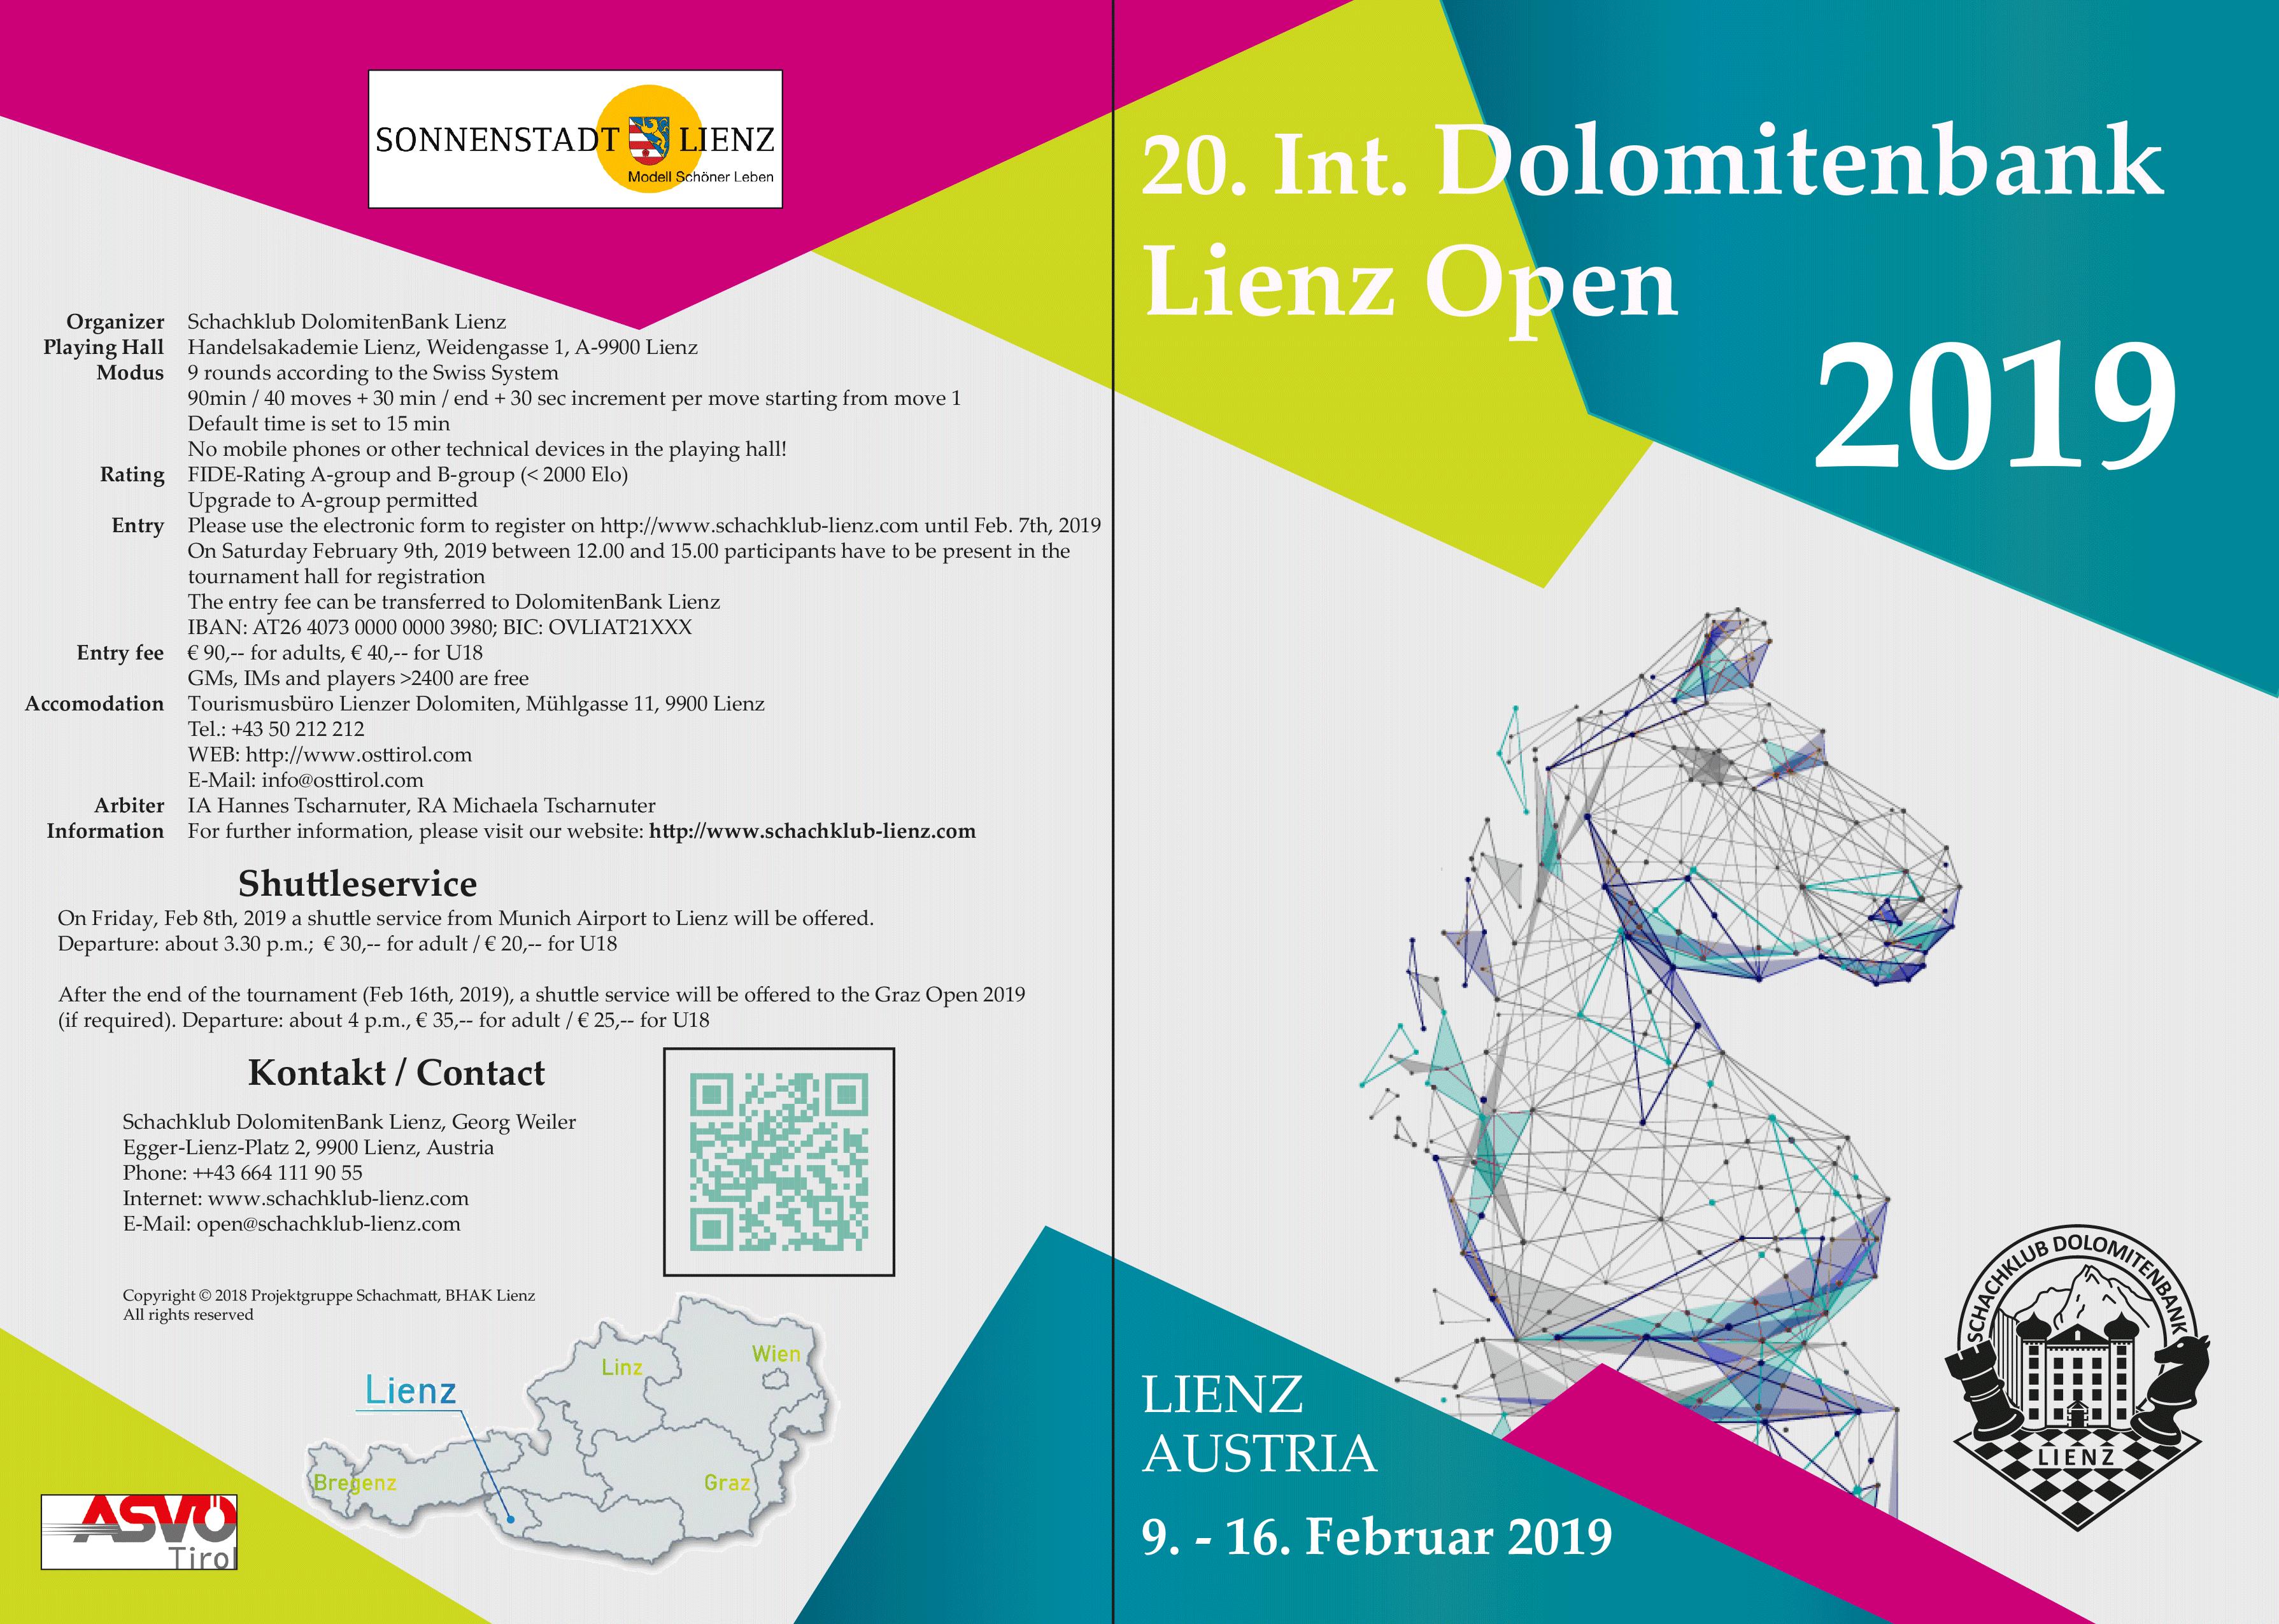 Lienz Open